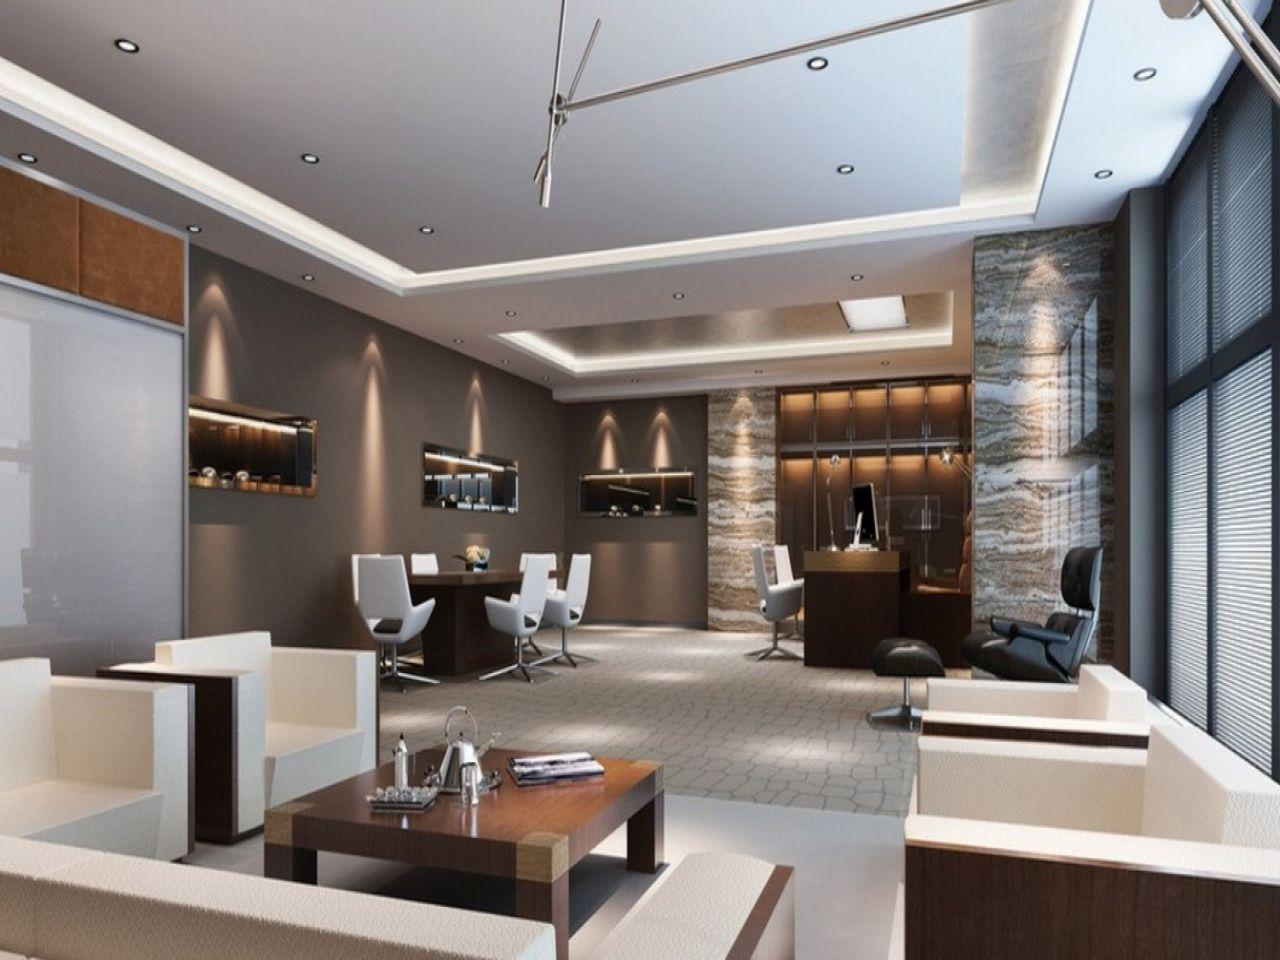 Modern Executive Office Interior Design